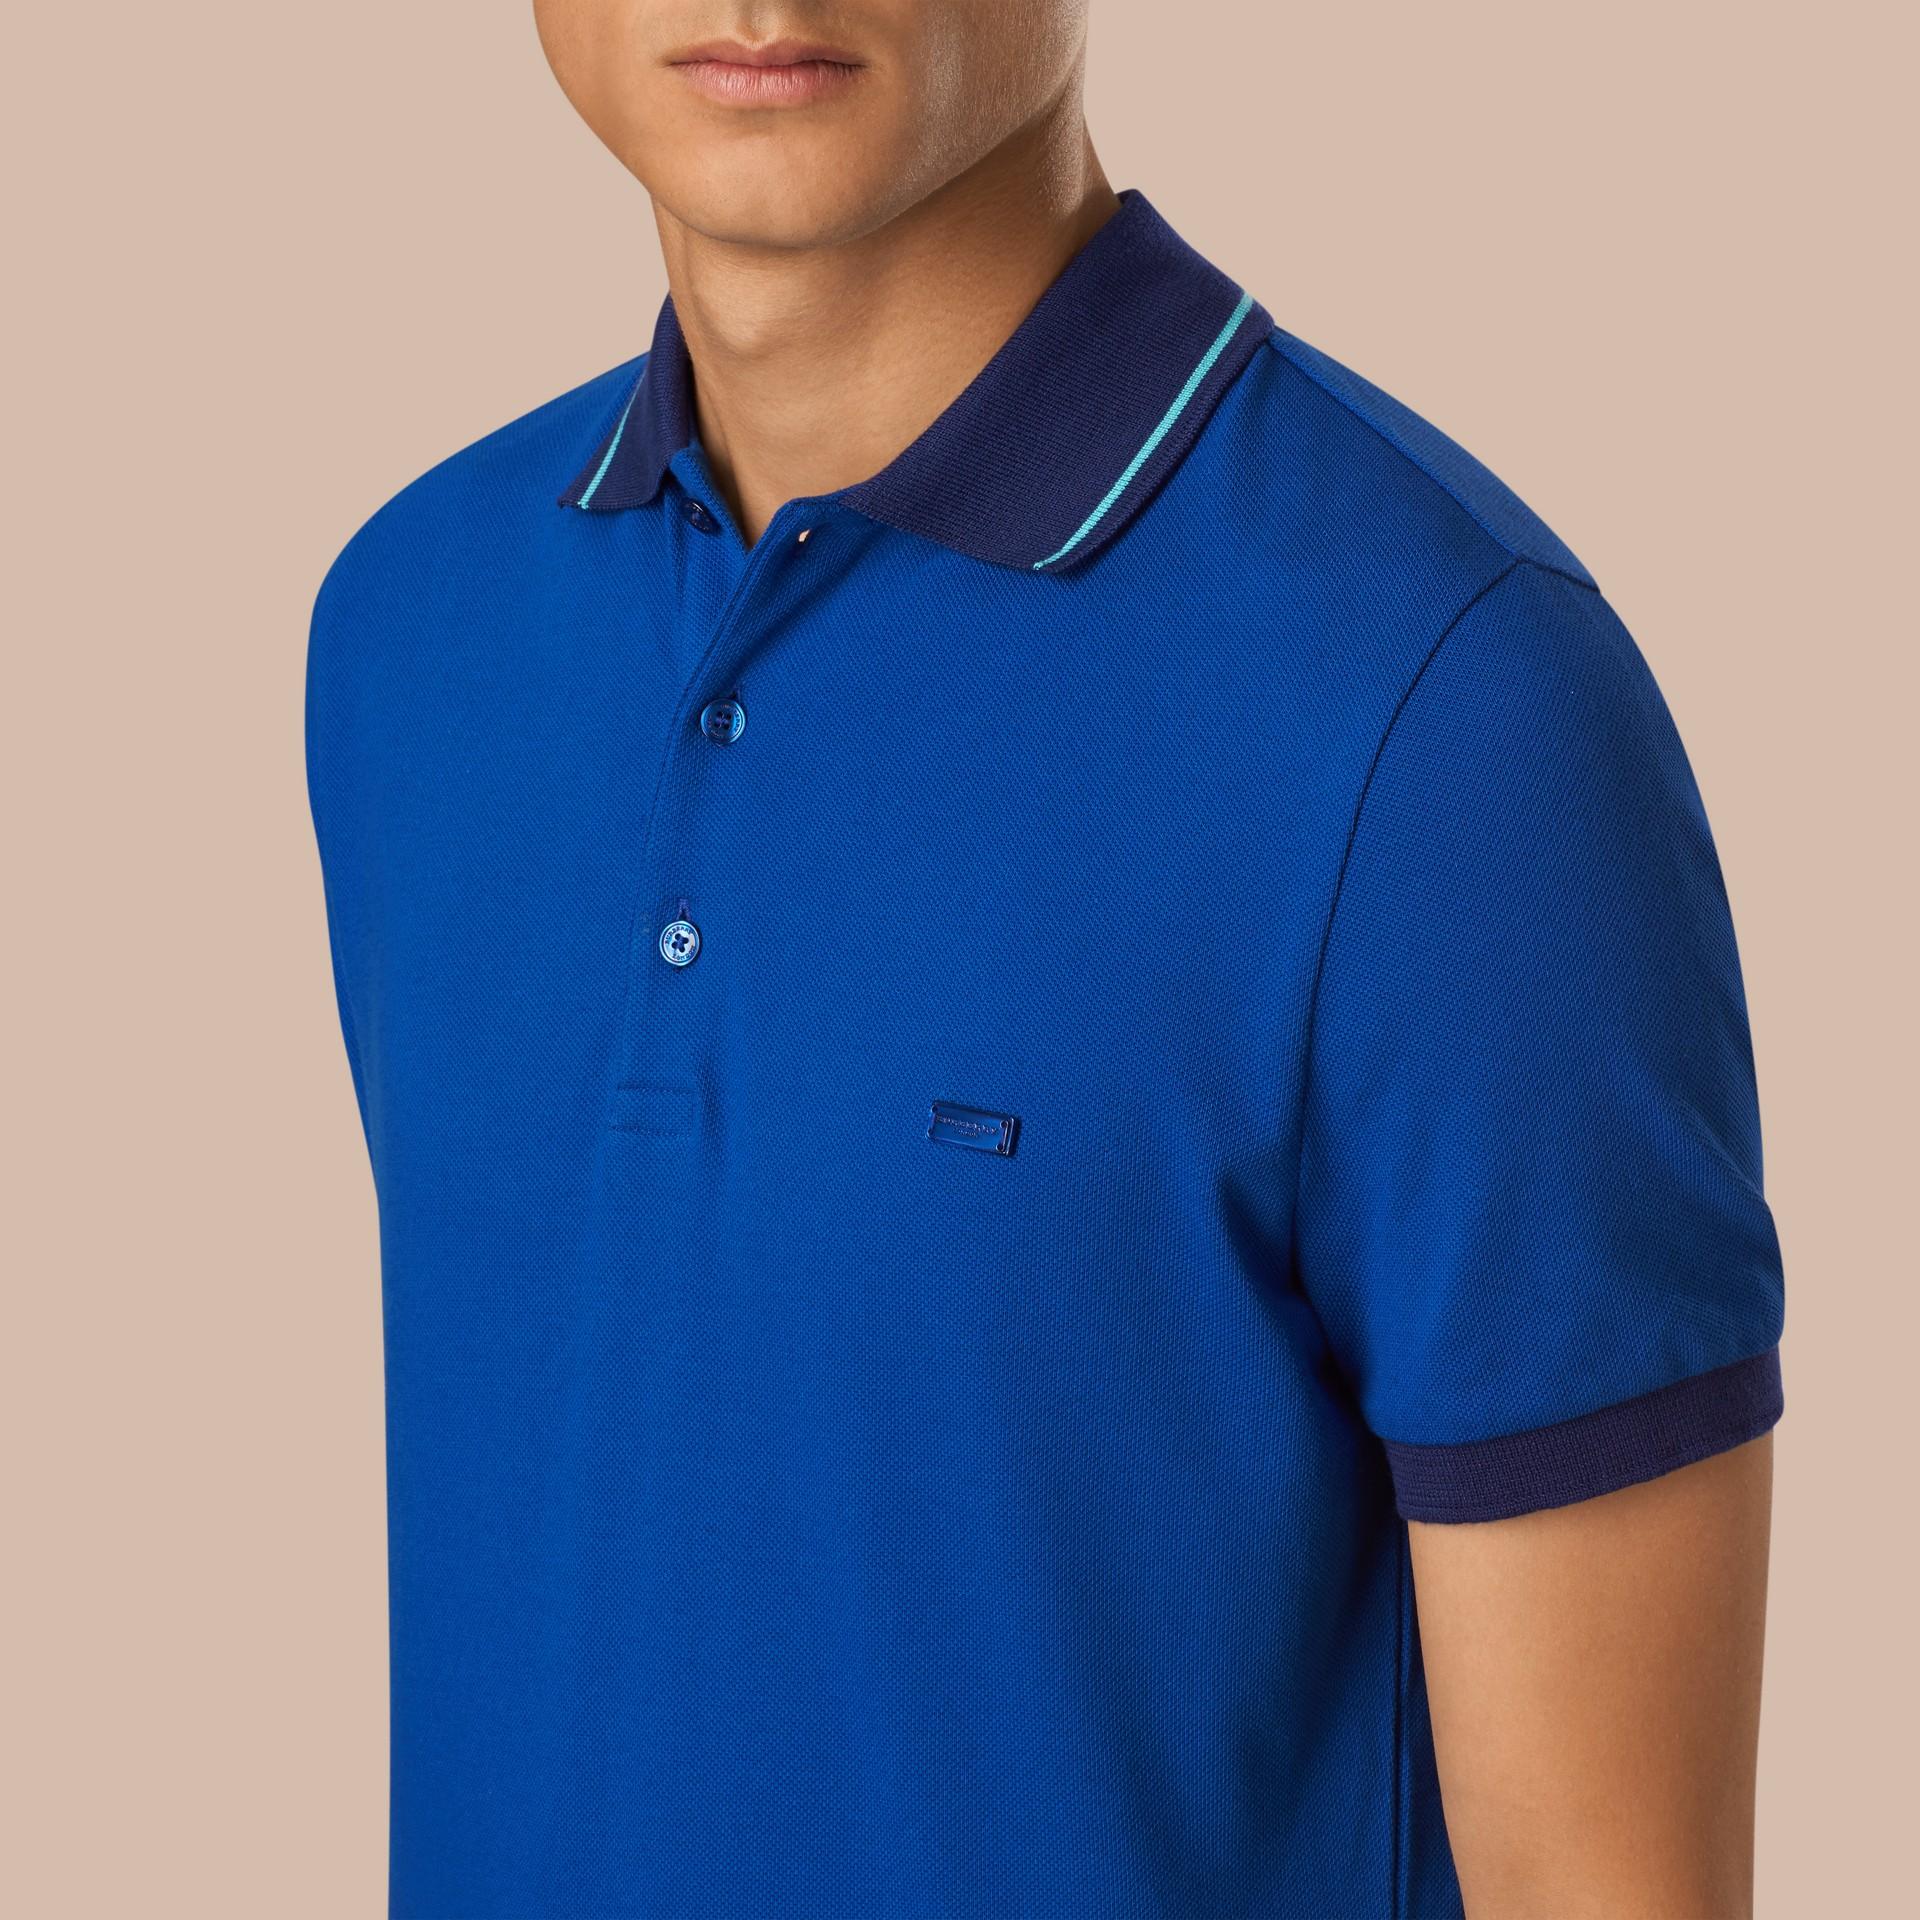 Cobalt/pale prediot blue Camisa polo de algodão piquê com detalhes contrastantes Cobalt/pale Prediot Blue - galeria de imagens 3